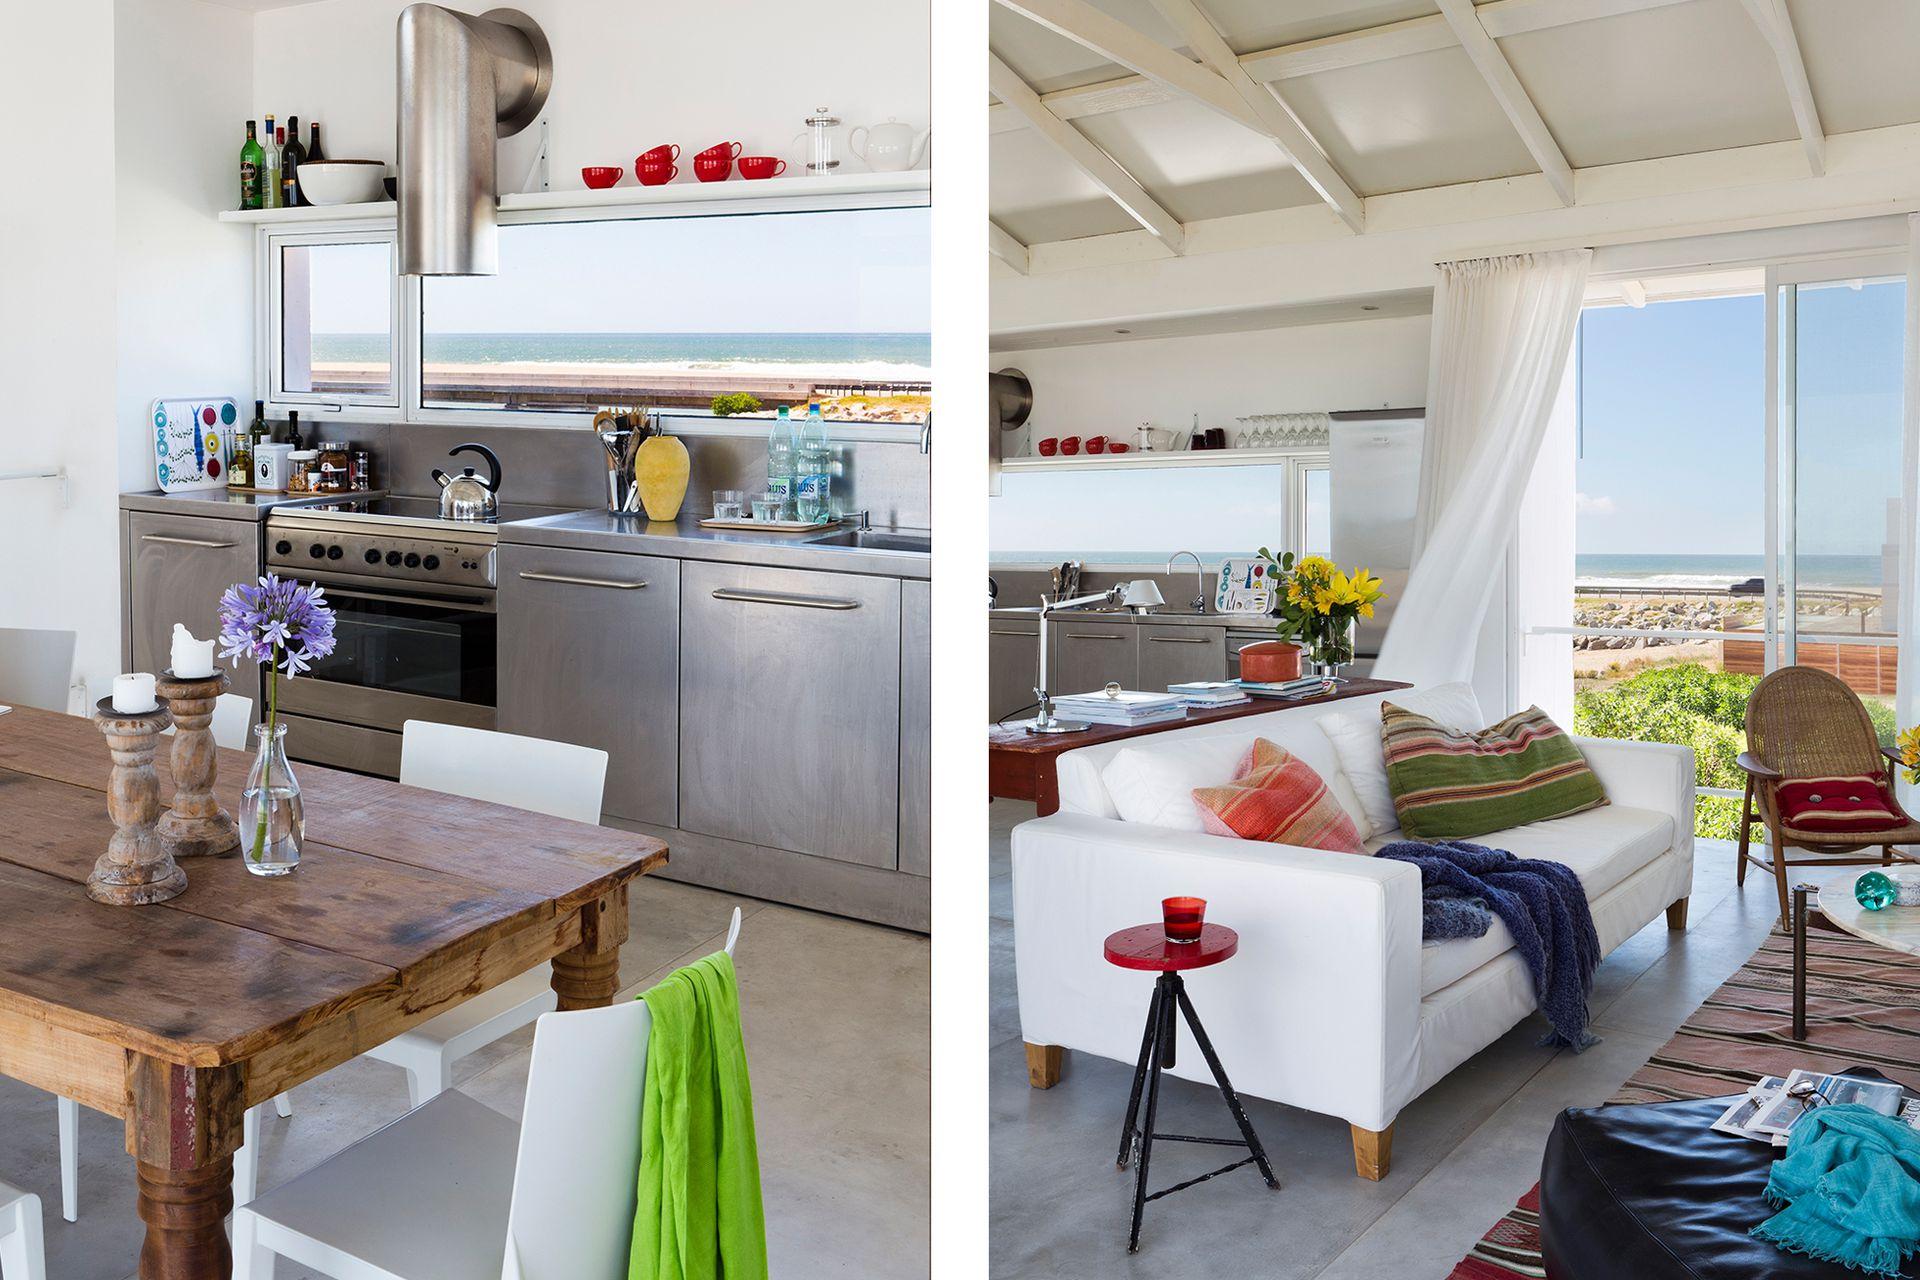 """La cocina tiene muebles de acero inoxidable y un paño fijo apaisado que enmarca el paisaje infinito del Atlántico. """"Es una ubicación genial: está sobre la laguna en un ángulo que mira de lleno a la puesta de sol""""."""